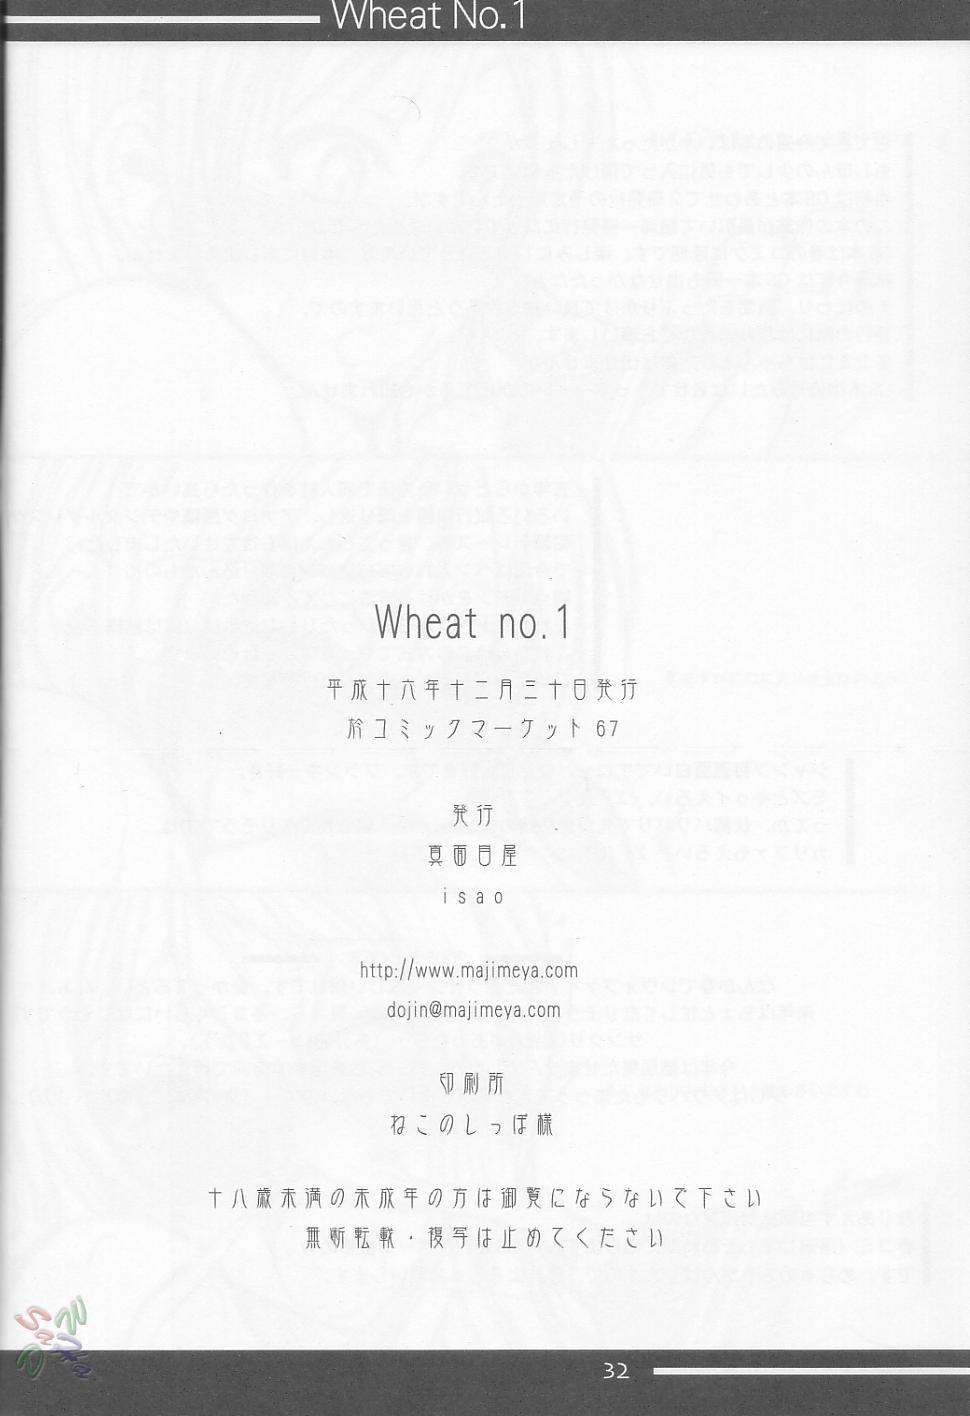 Wheat No. 1 28